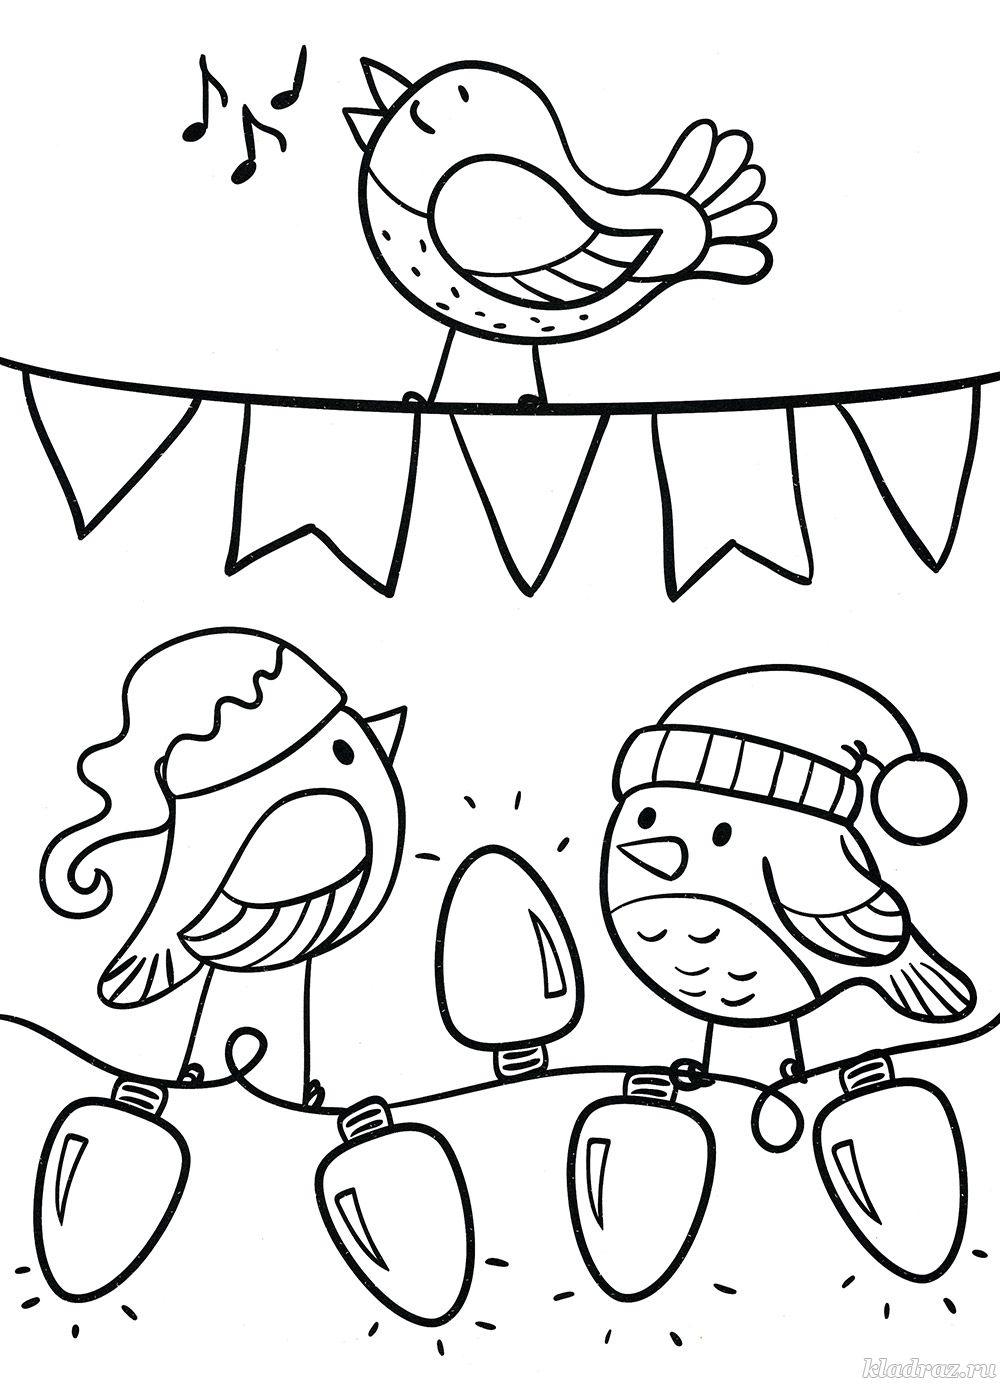 Раскраска для детей 2-4 лет. Зимняя песенка